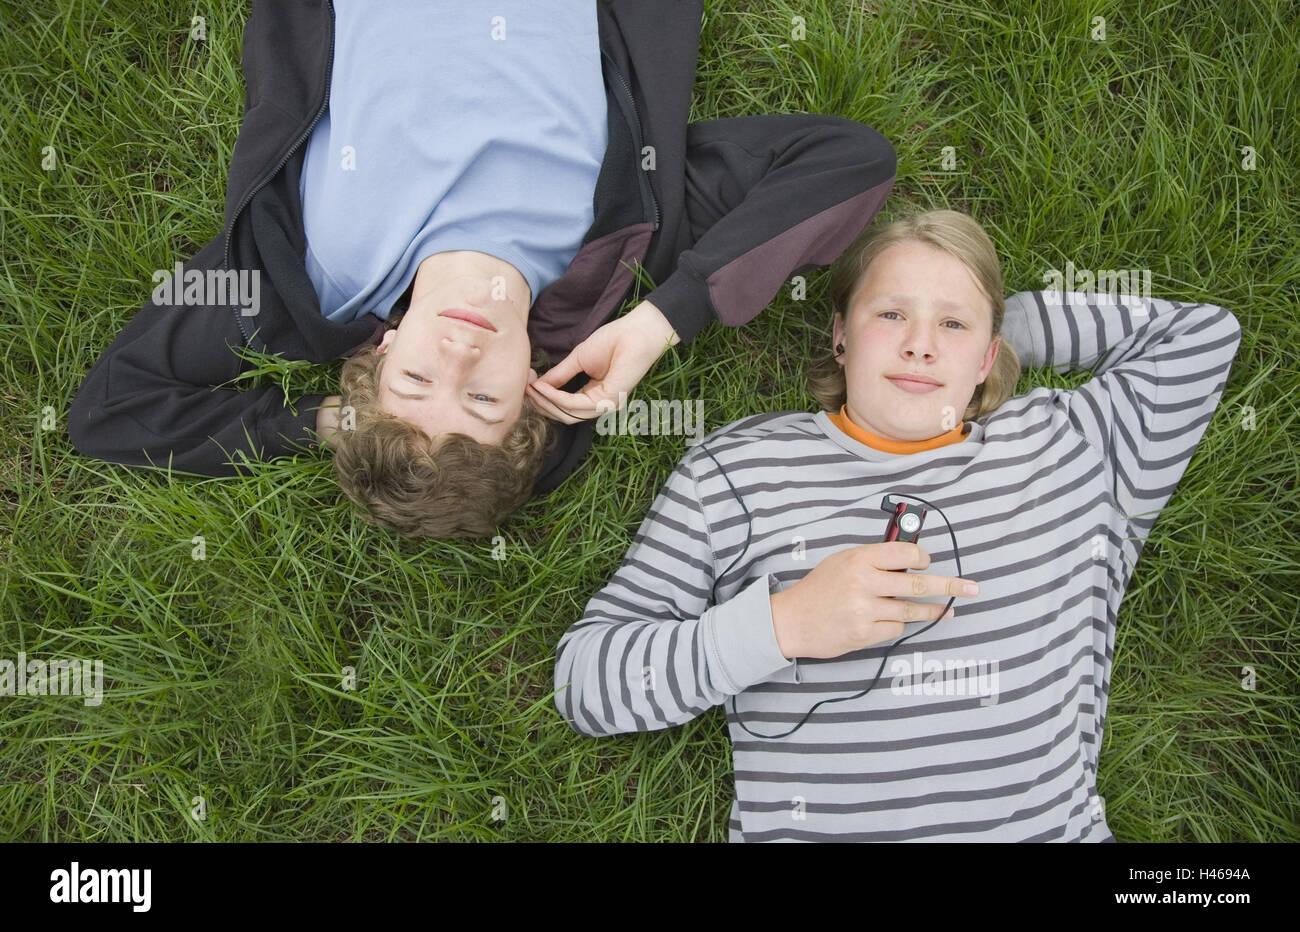 Jungen, Jugendliche, liegend, zuhören, Musik, Blick Kamera, zwei, Wiese, MP3-Player, Stockbild